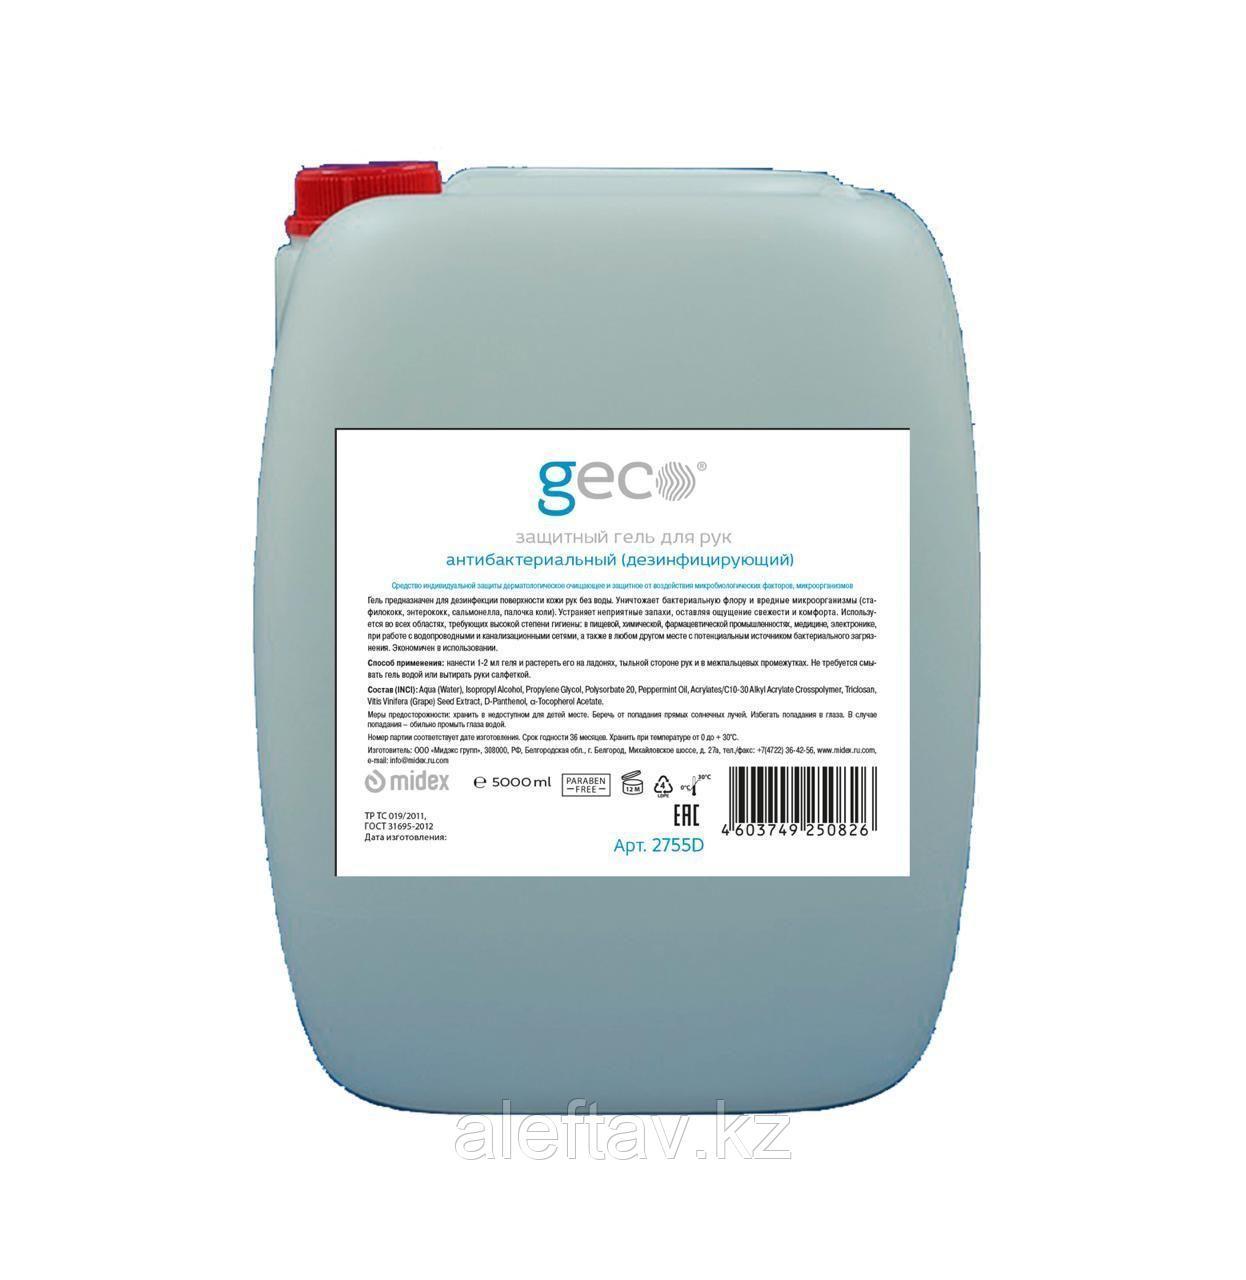 Дезинфицирующее средство для рук содержит спирт  В таре 5 литров